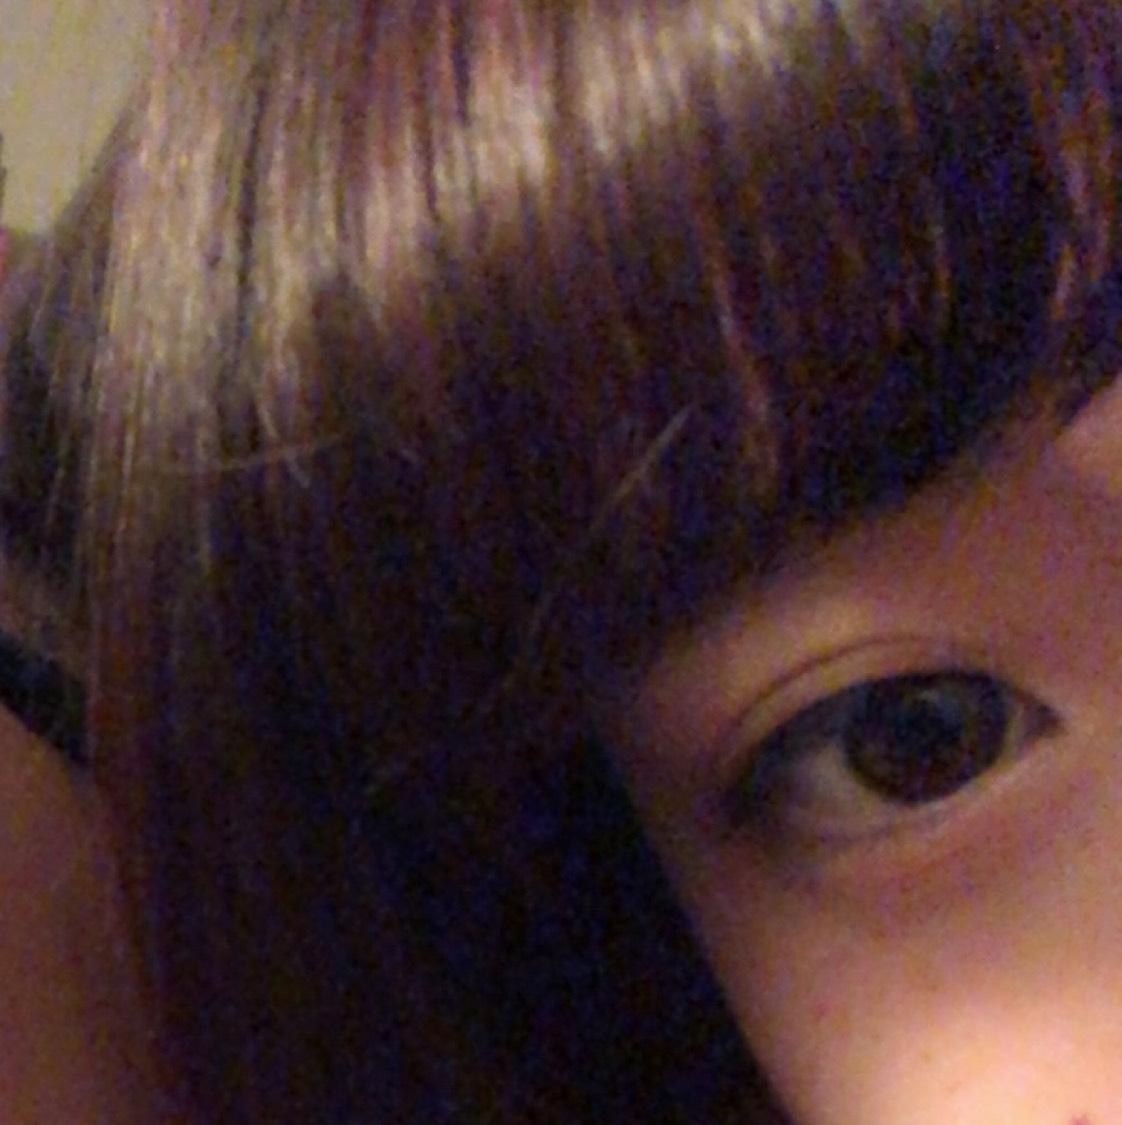 しっかり目のBefore画像